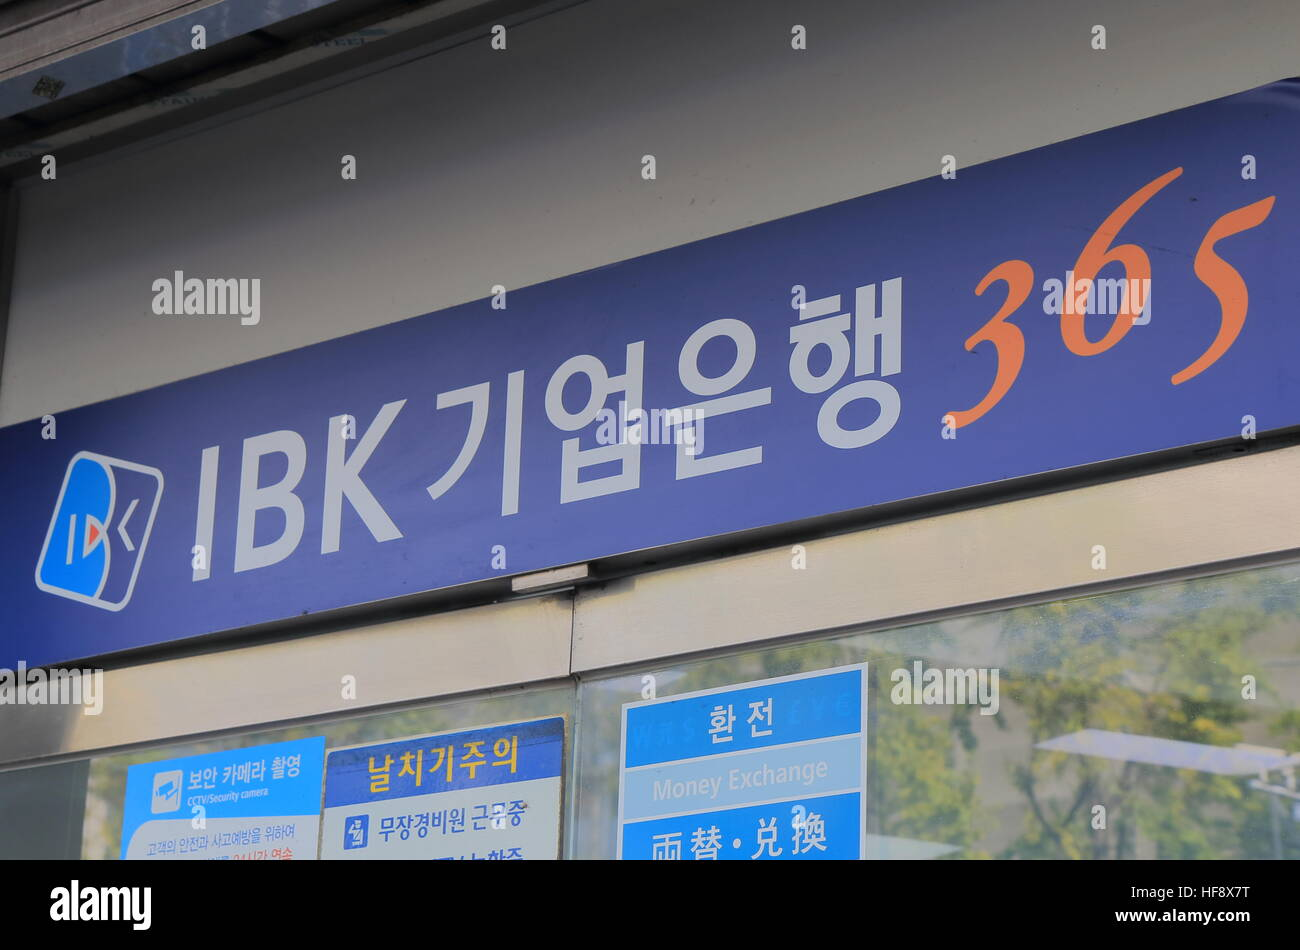 IBK banca industriale di Corea. IBK è una banca industriale, società con sede a Seoul. Immagini Stock